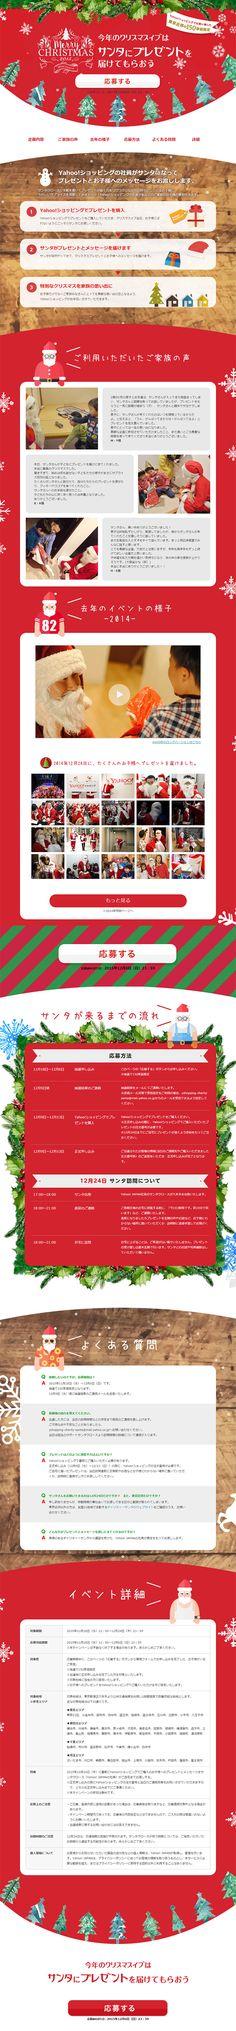 ランディングページ LP サンタにプレゼントを届けてもらおう|インターネットサービス|ヤフー